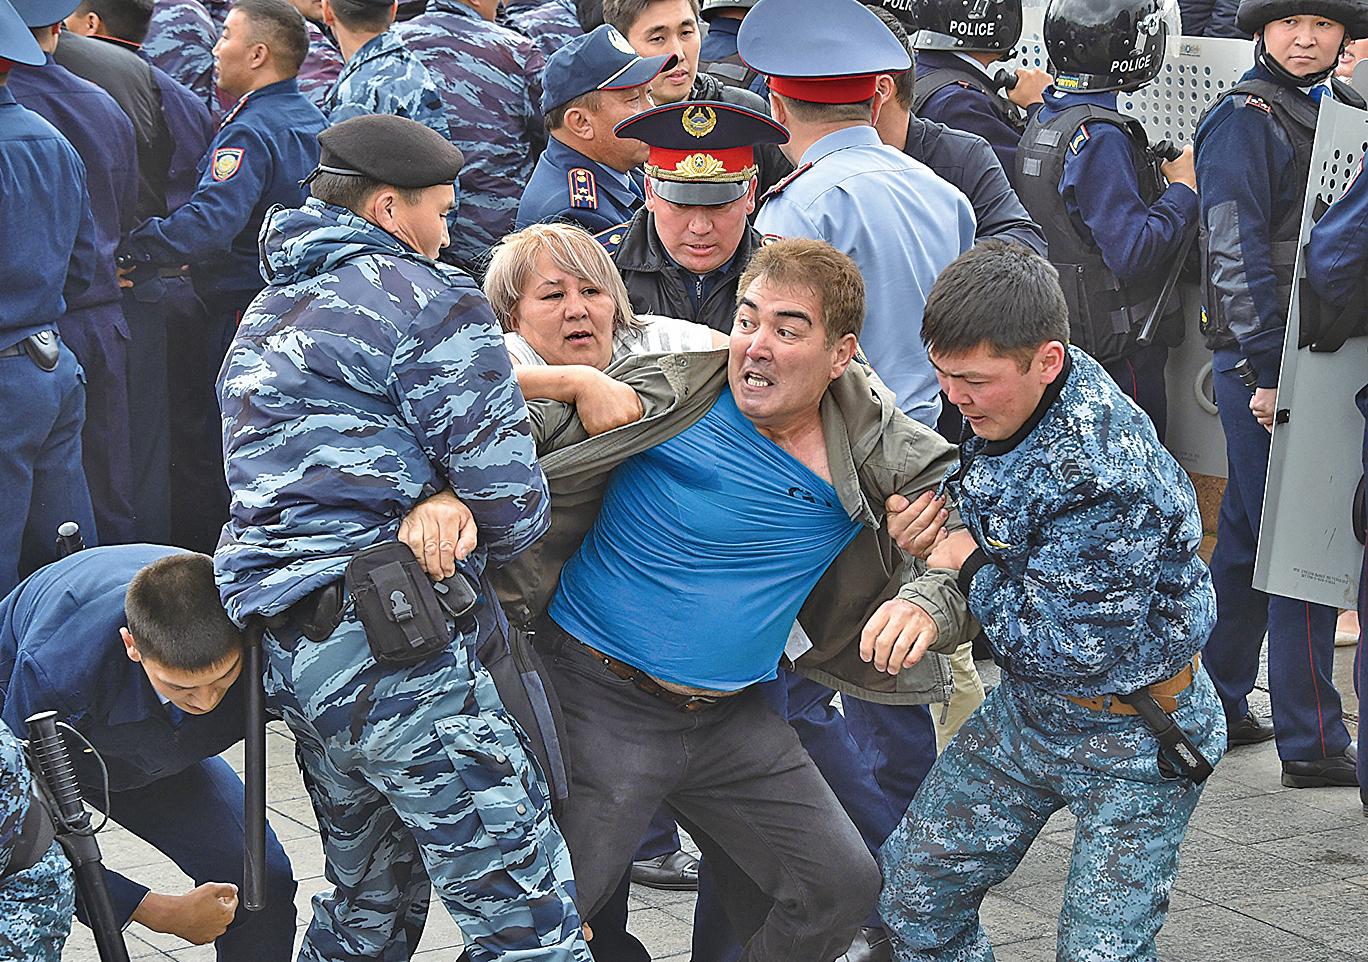 圖為2019年6月9日,努爾蘇丹。哈薩克警察在抗議集會上拘留示威群眾。(AFP)